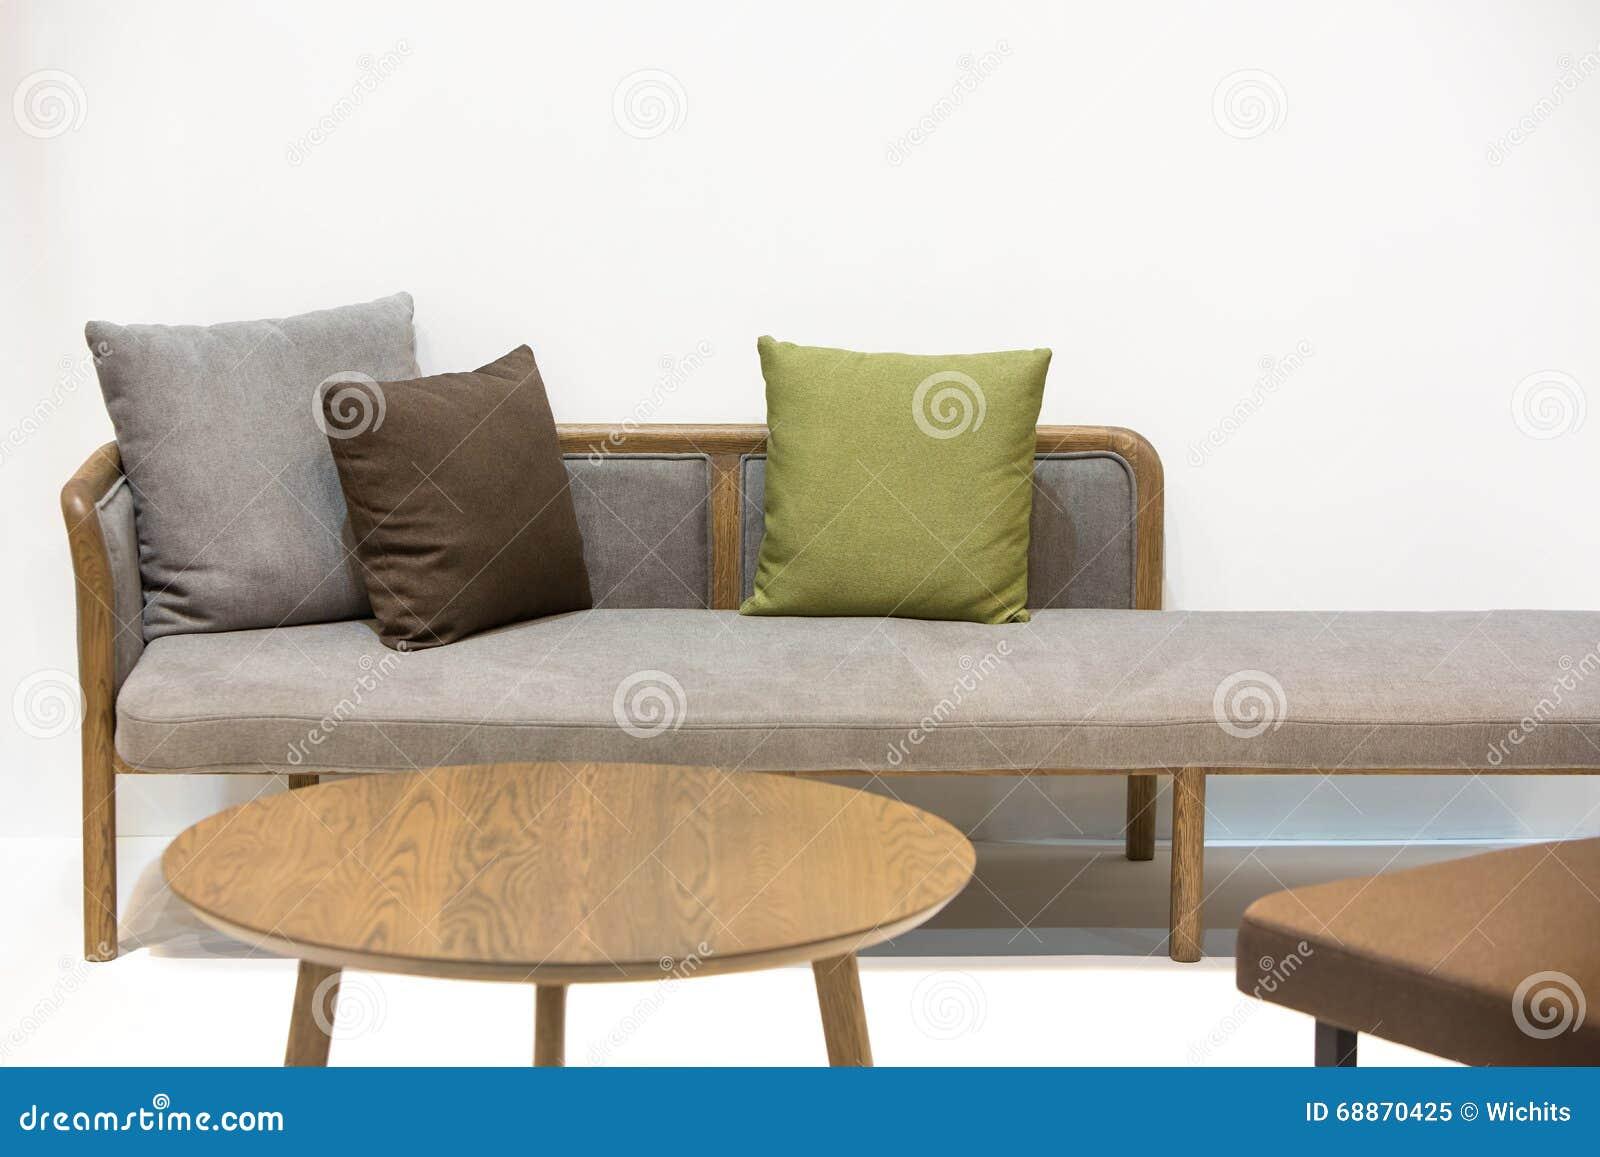 Canapé Lit De Style Japonais Image Stock Image Du Campagne